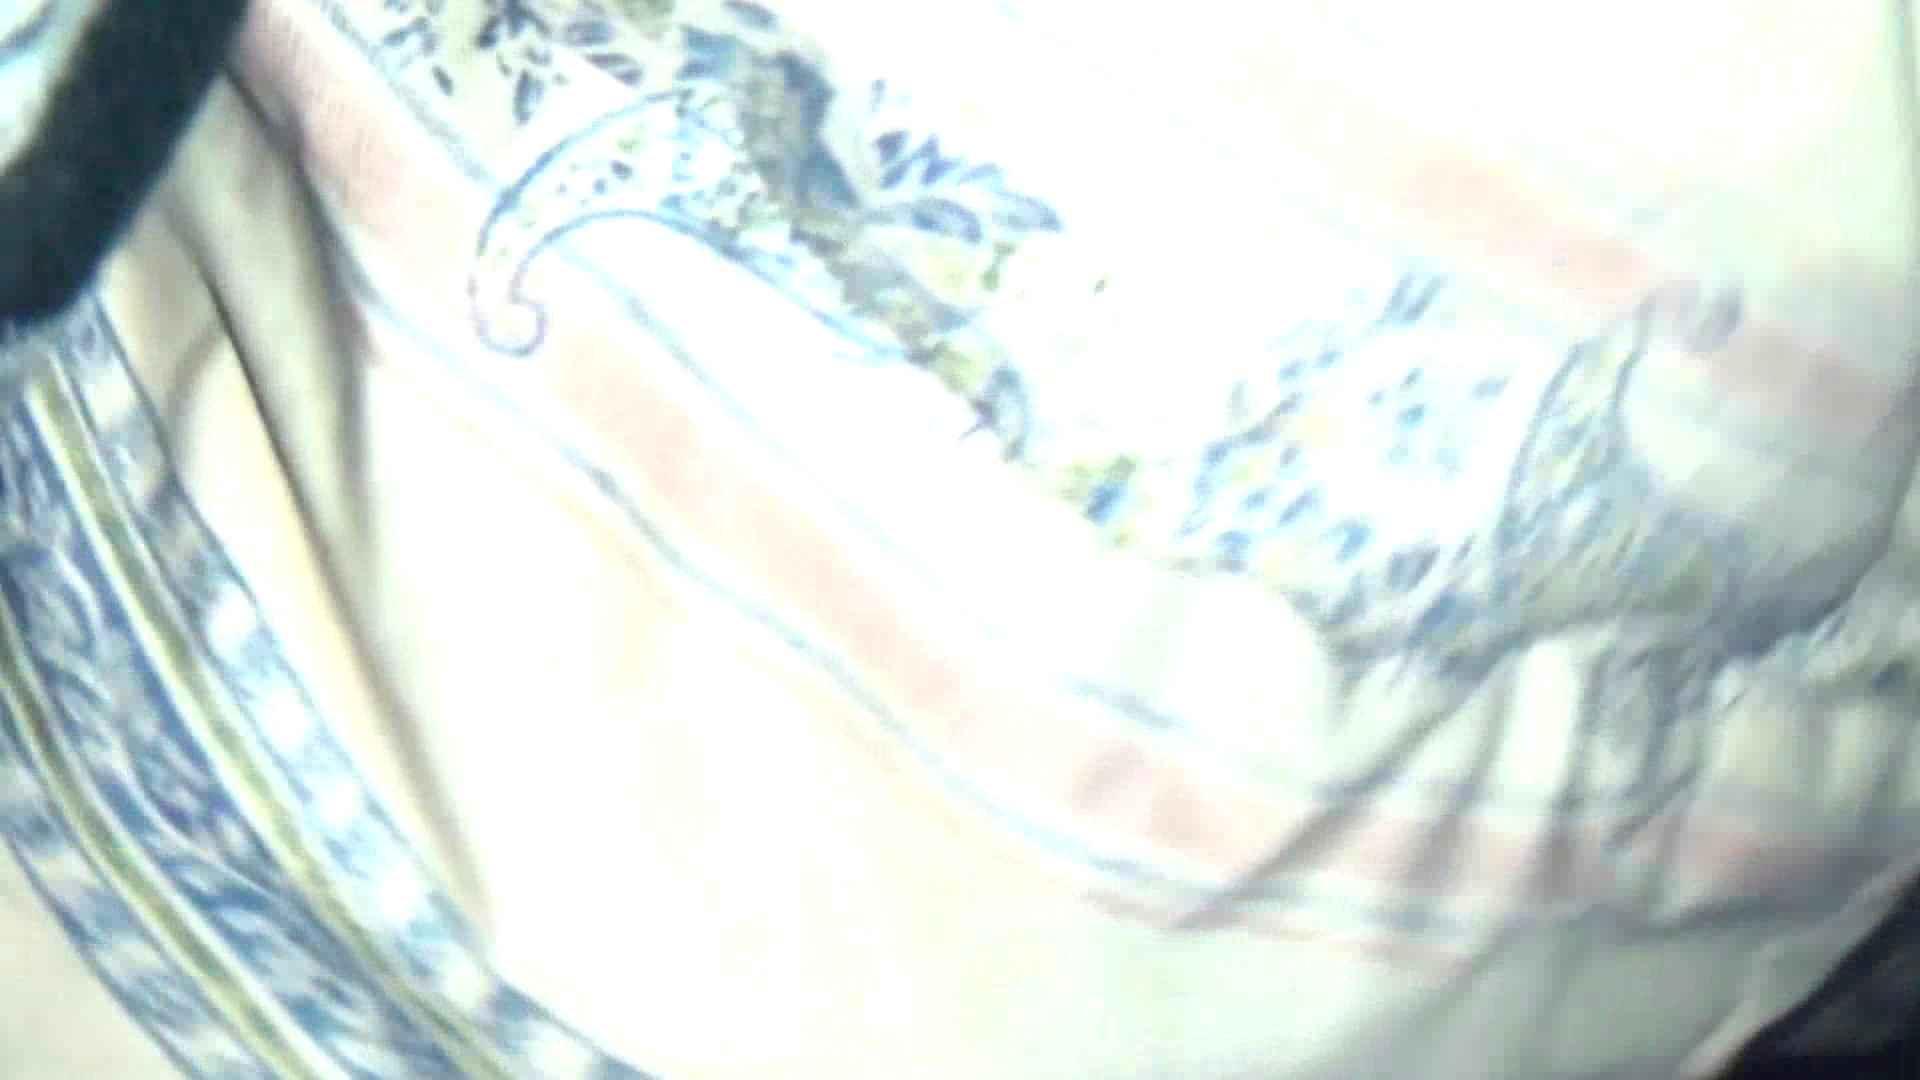 魔術師の お・も・て・な・し vol.34 直なおねーちゃんに悪魔の洗礼 美女OL  101連発 14